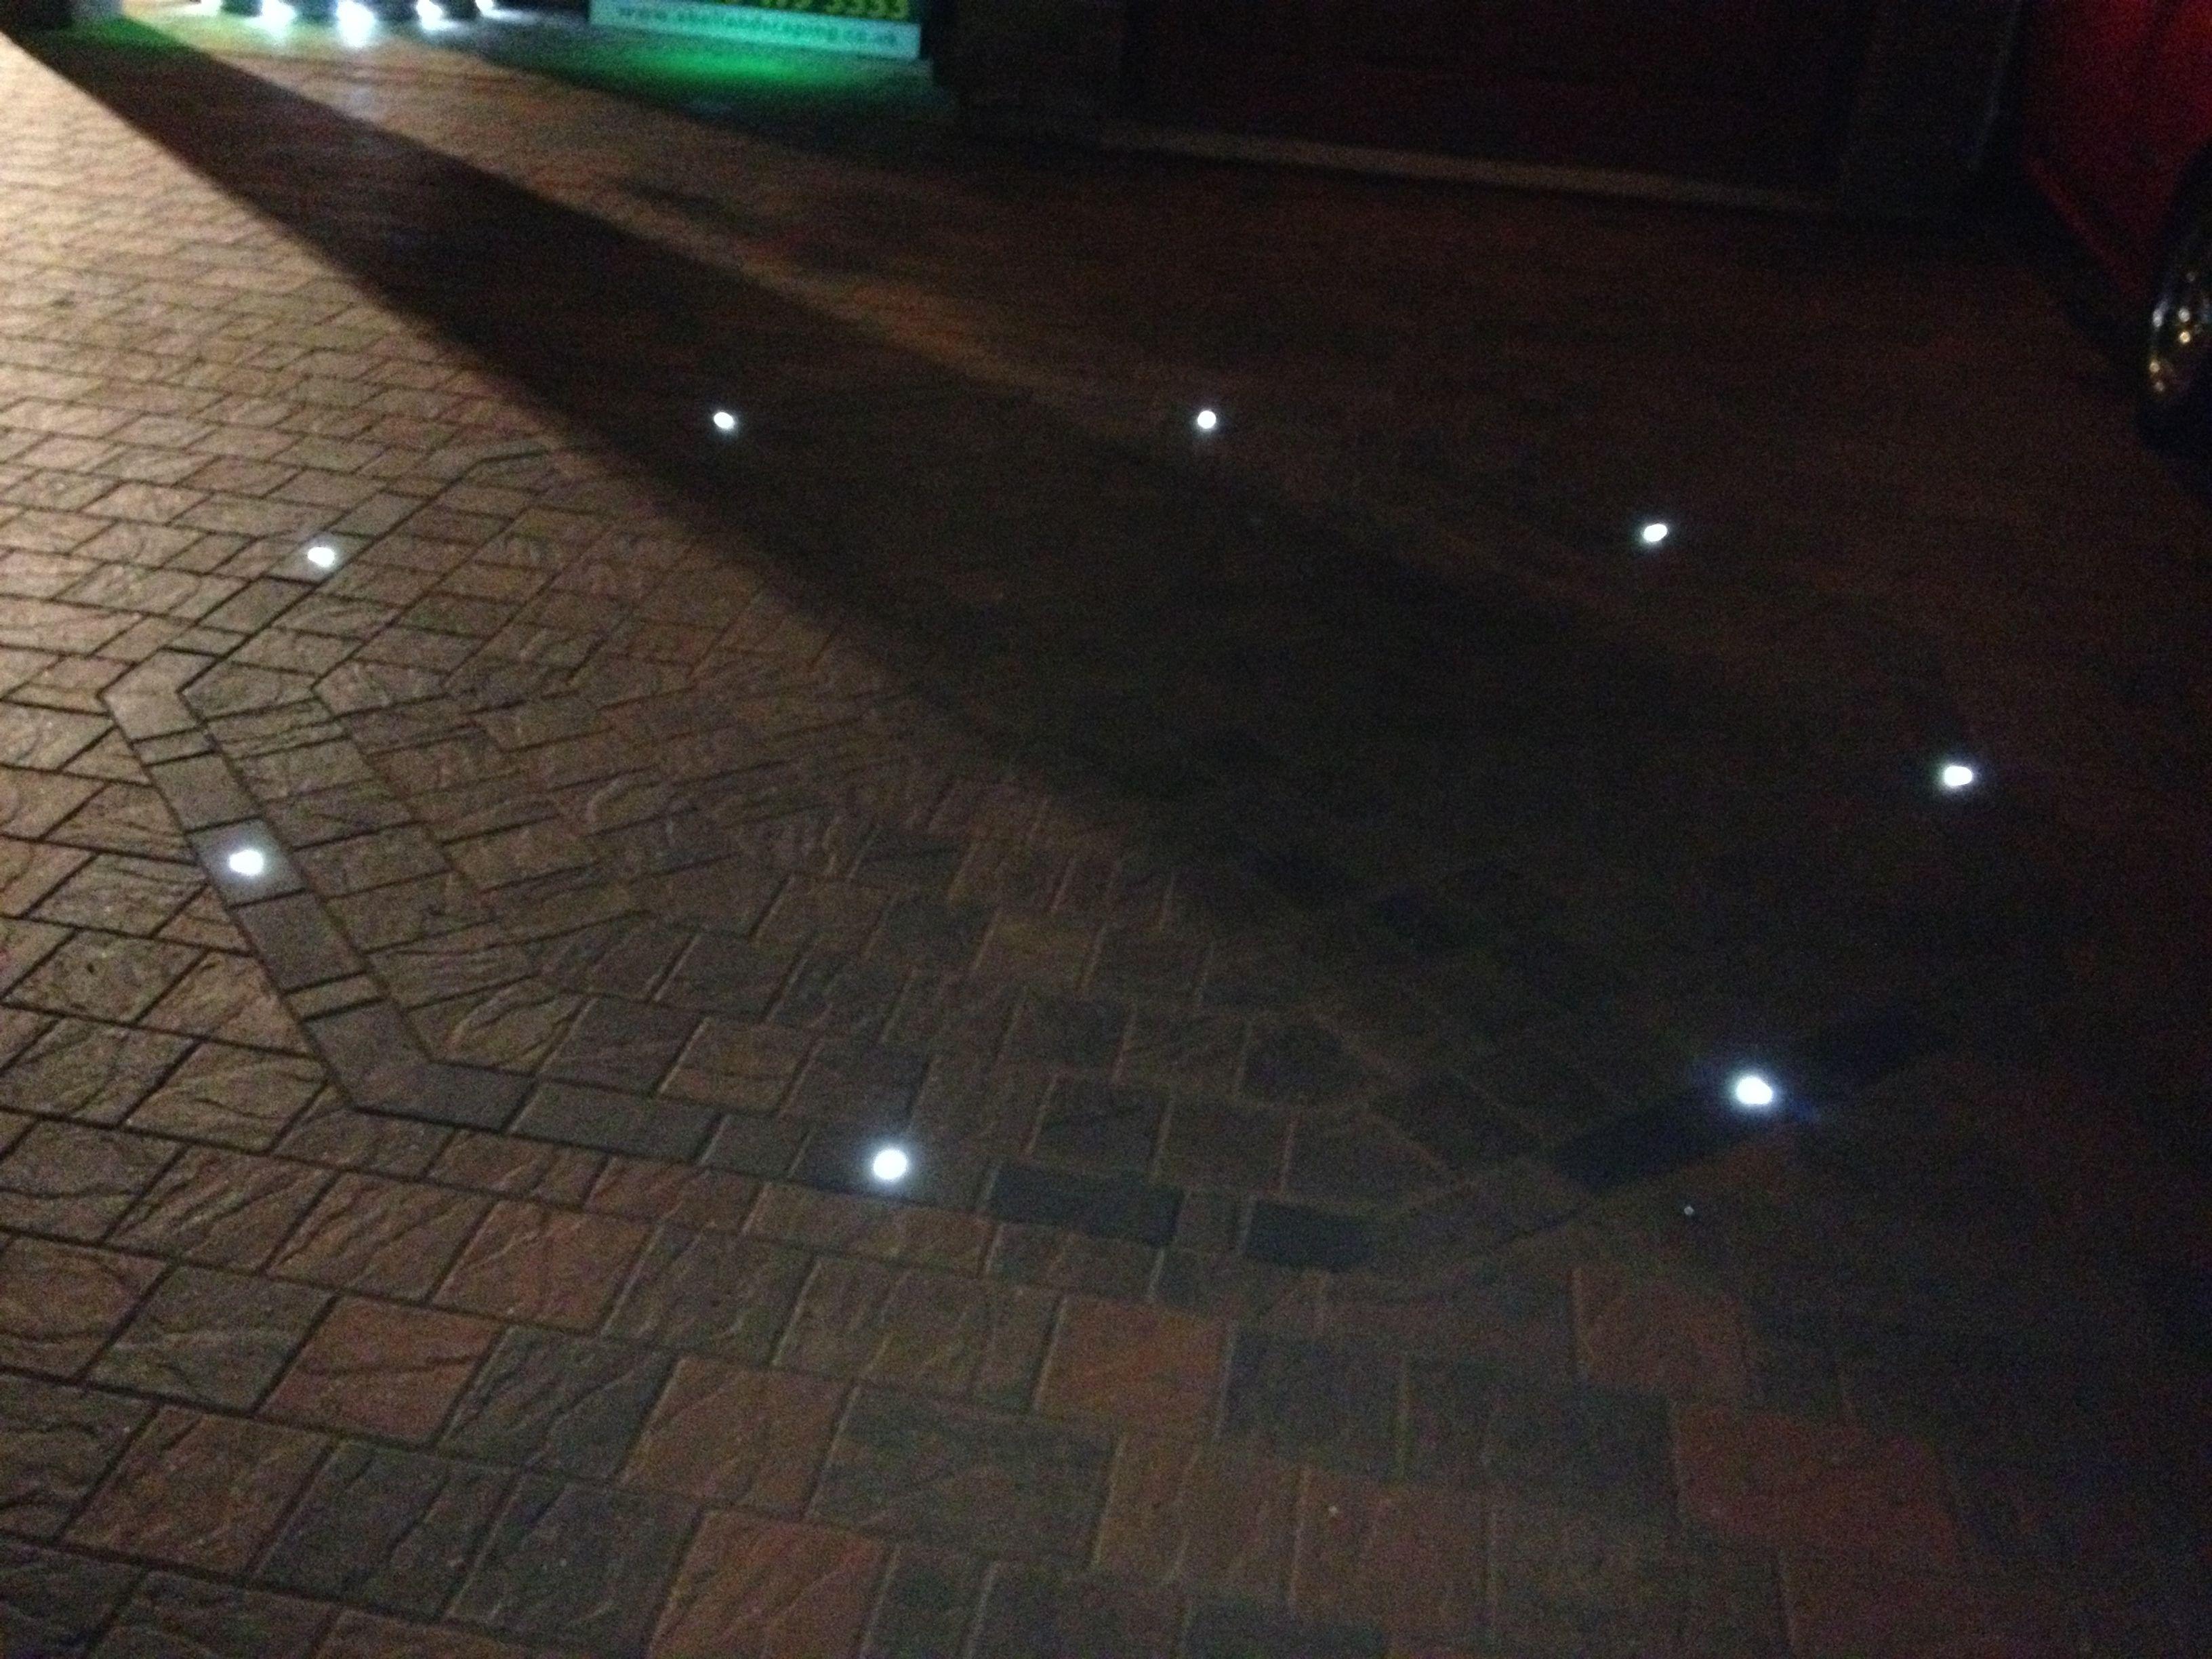 Driveway Lighting   Excel Octant   LED Spotlights #Spotlights #MarshallsPLC  #LED #Lights